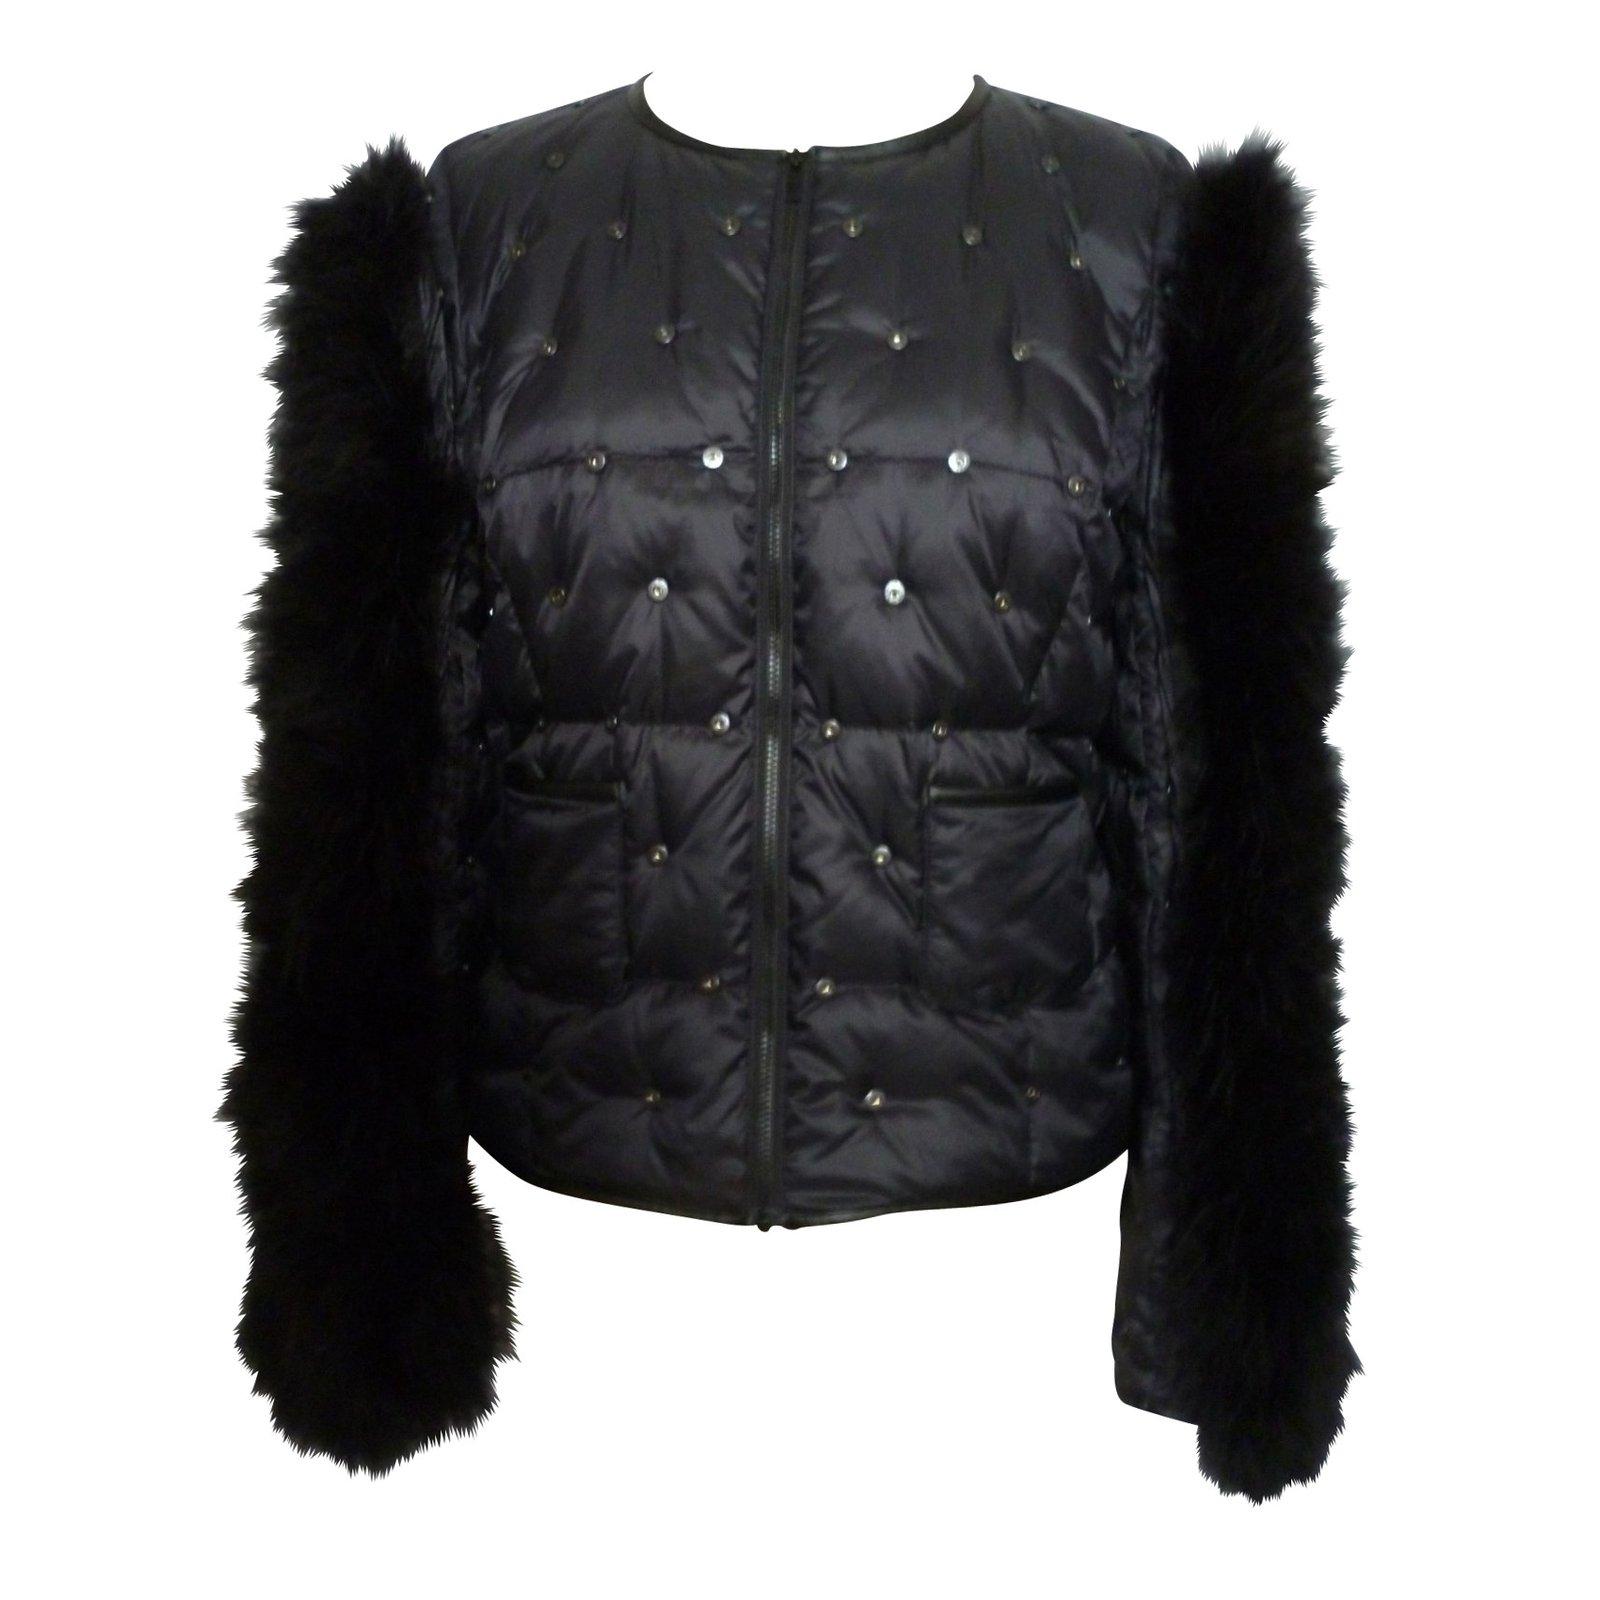 Vestes comptoir des cotonniers mademoiselle plume par serkan cura couture autre noir - Mademoiselle plume comptoir des cotonniers ...